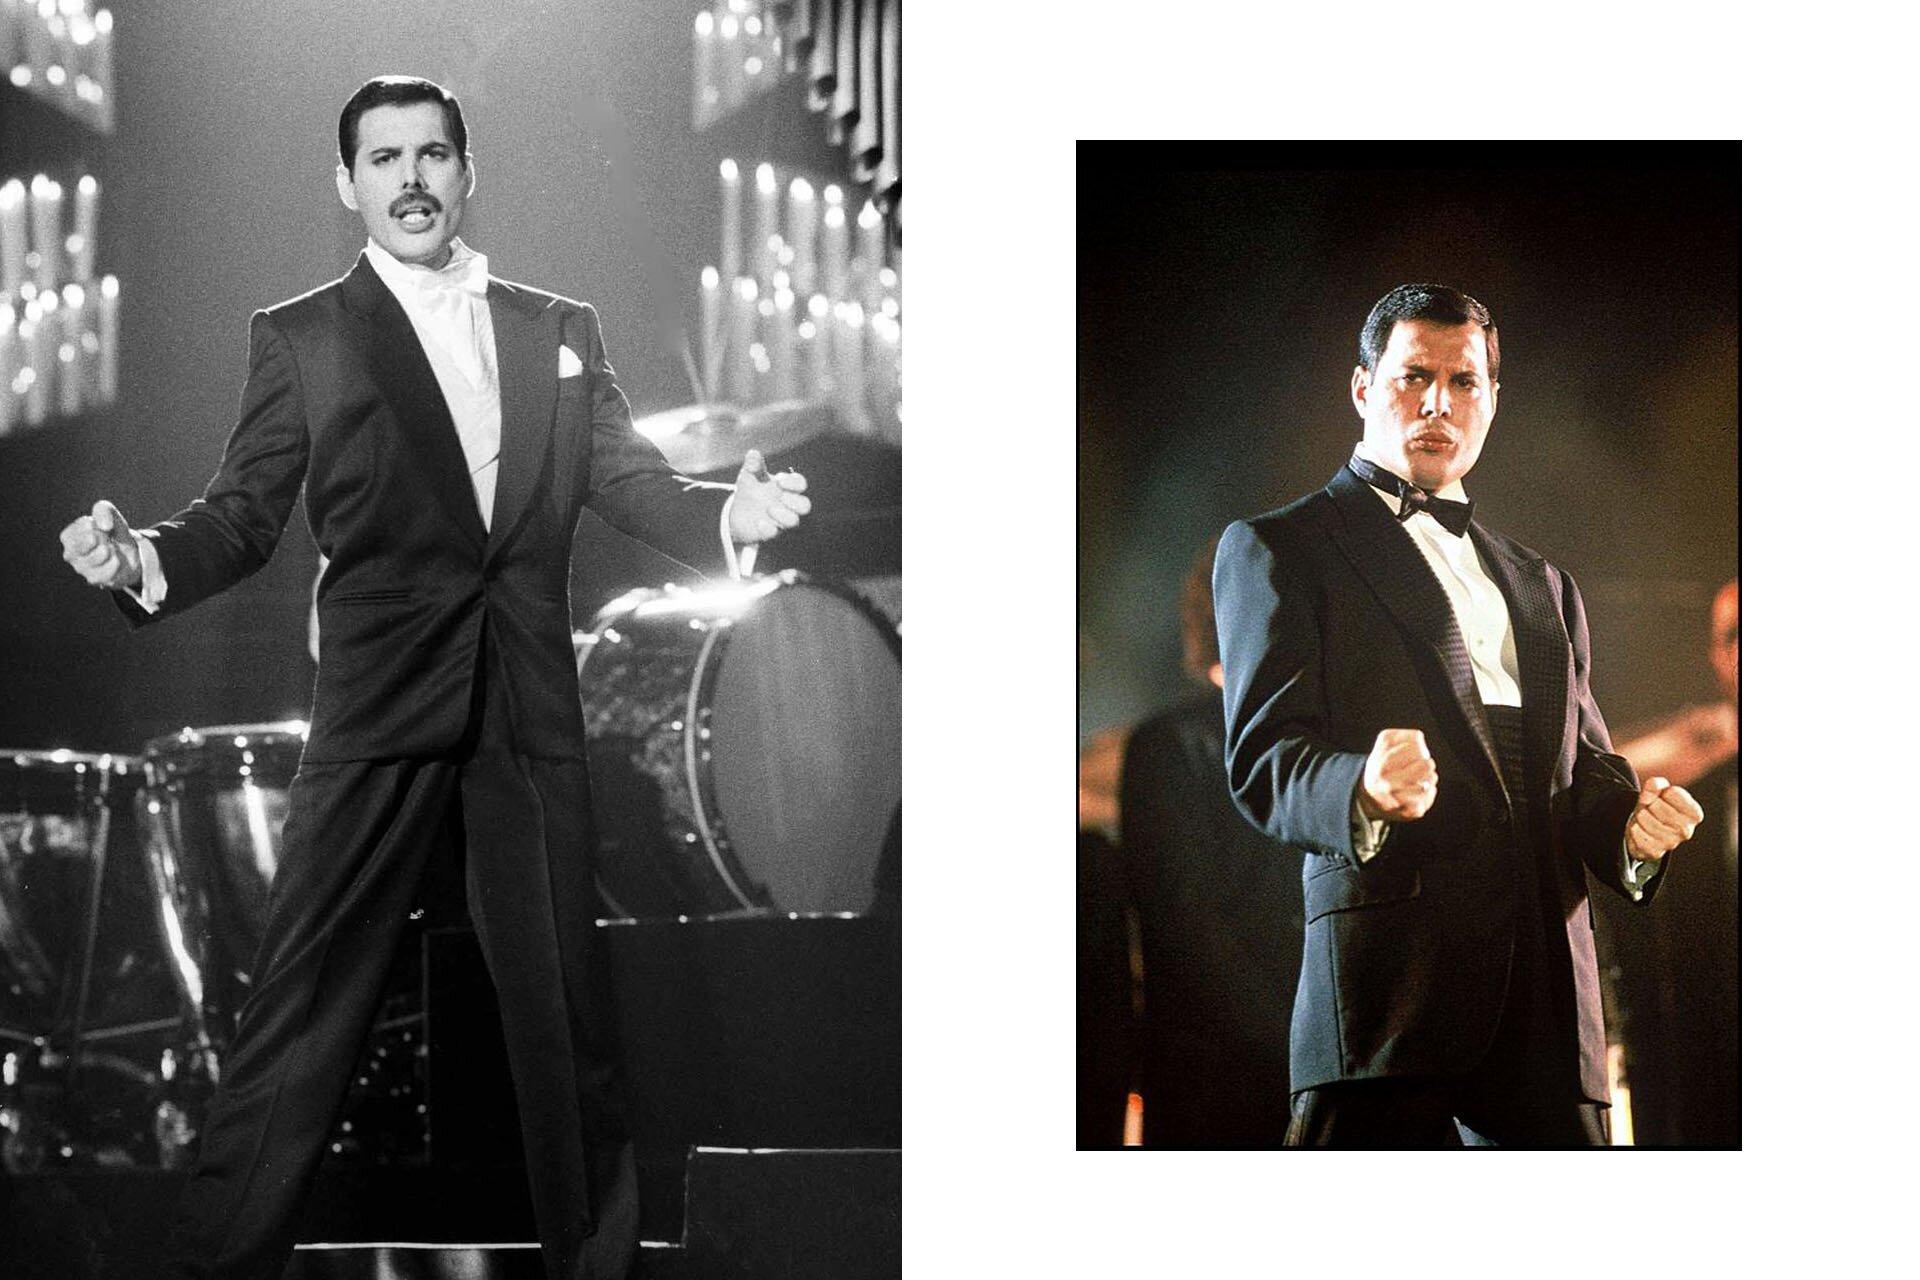 Wszyscy powinniśmy ubierać się jak Freddie, Freddie Mercury, Stylizacje Queen, Stylizacje Freddie, Smoking Barcelona, 10 przełomowych wcieleń modowych Freddiego